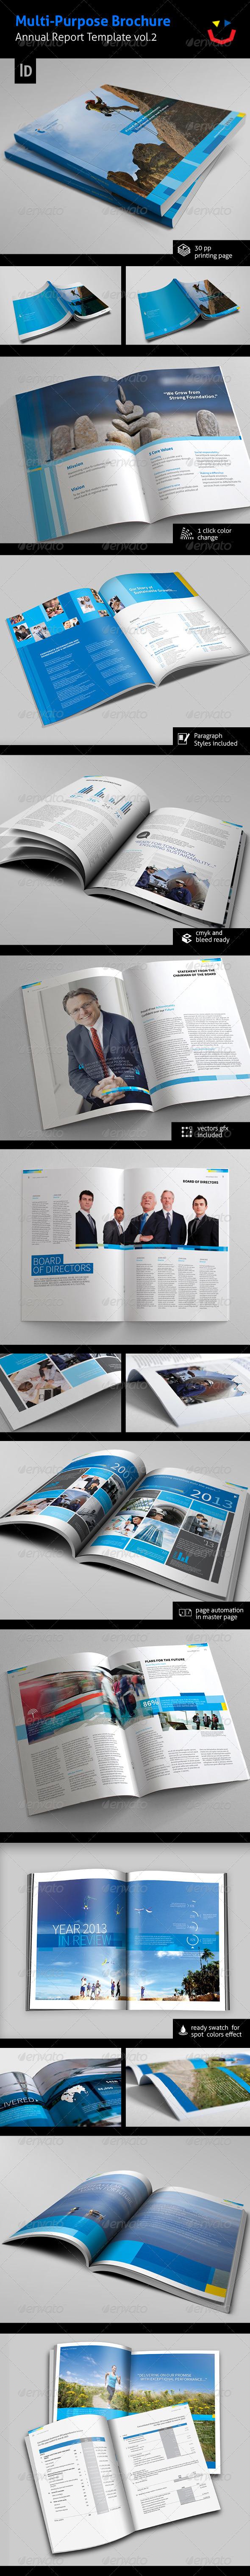 GraphicRiver Annual Report Design Template Vol.2 5834962